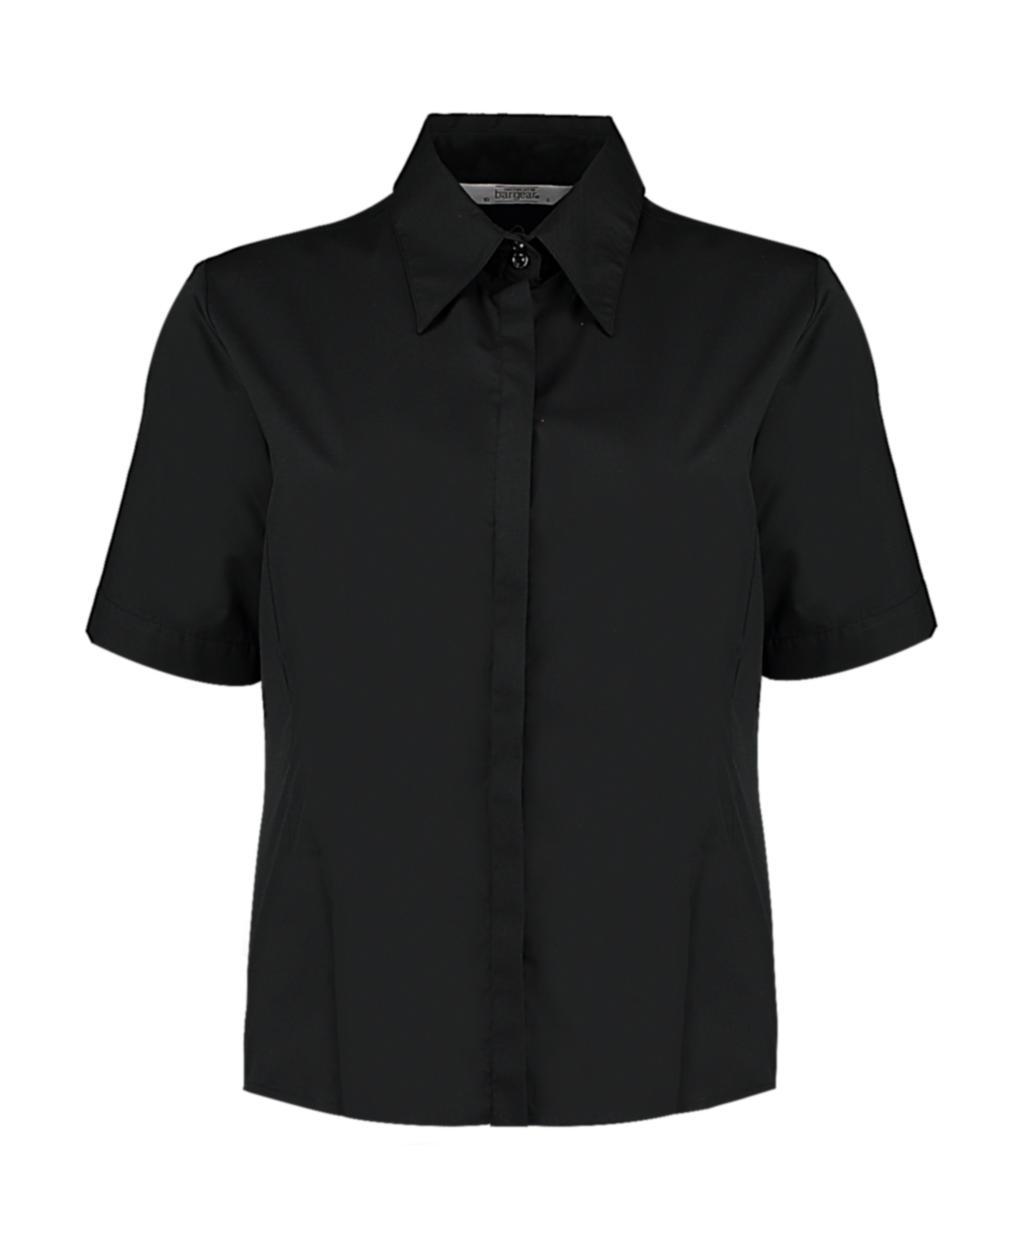 Women's Tailored Fit Shirt SSL